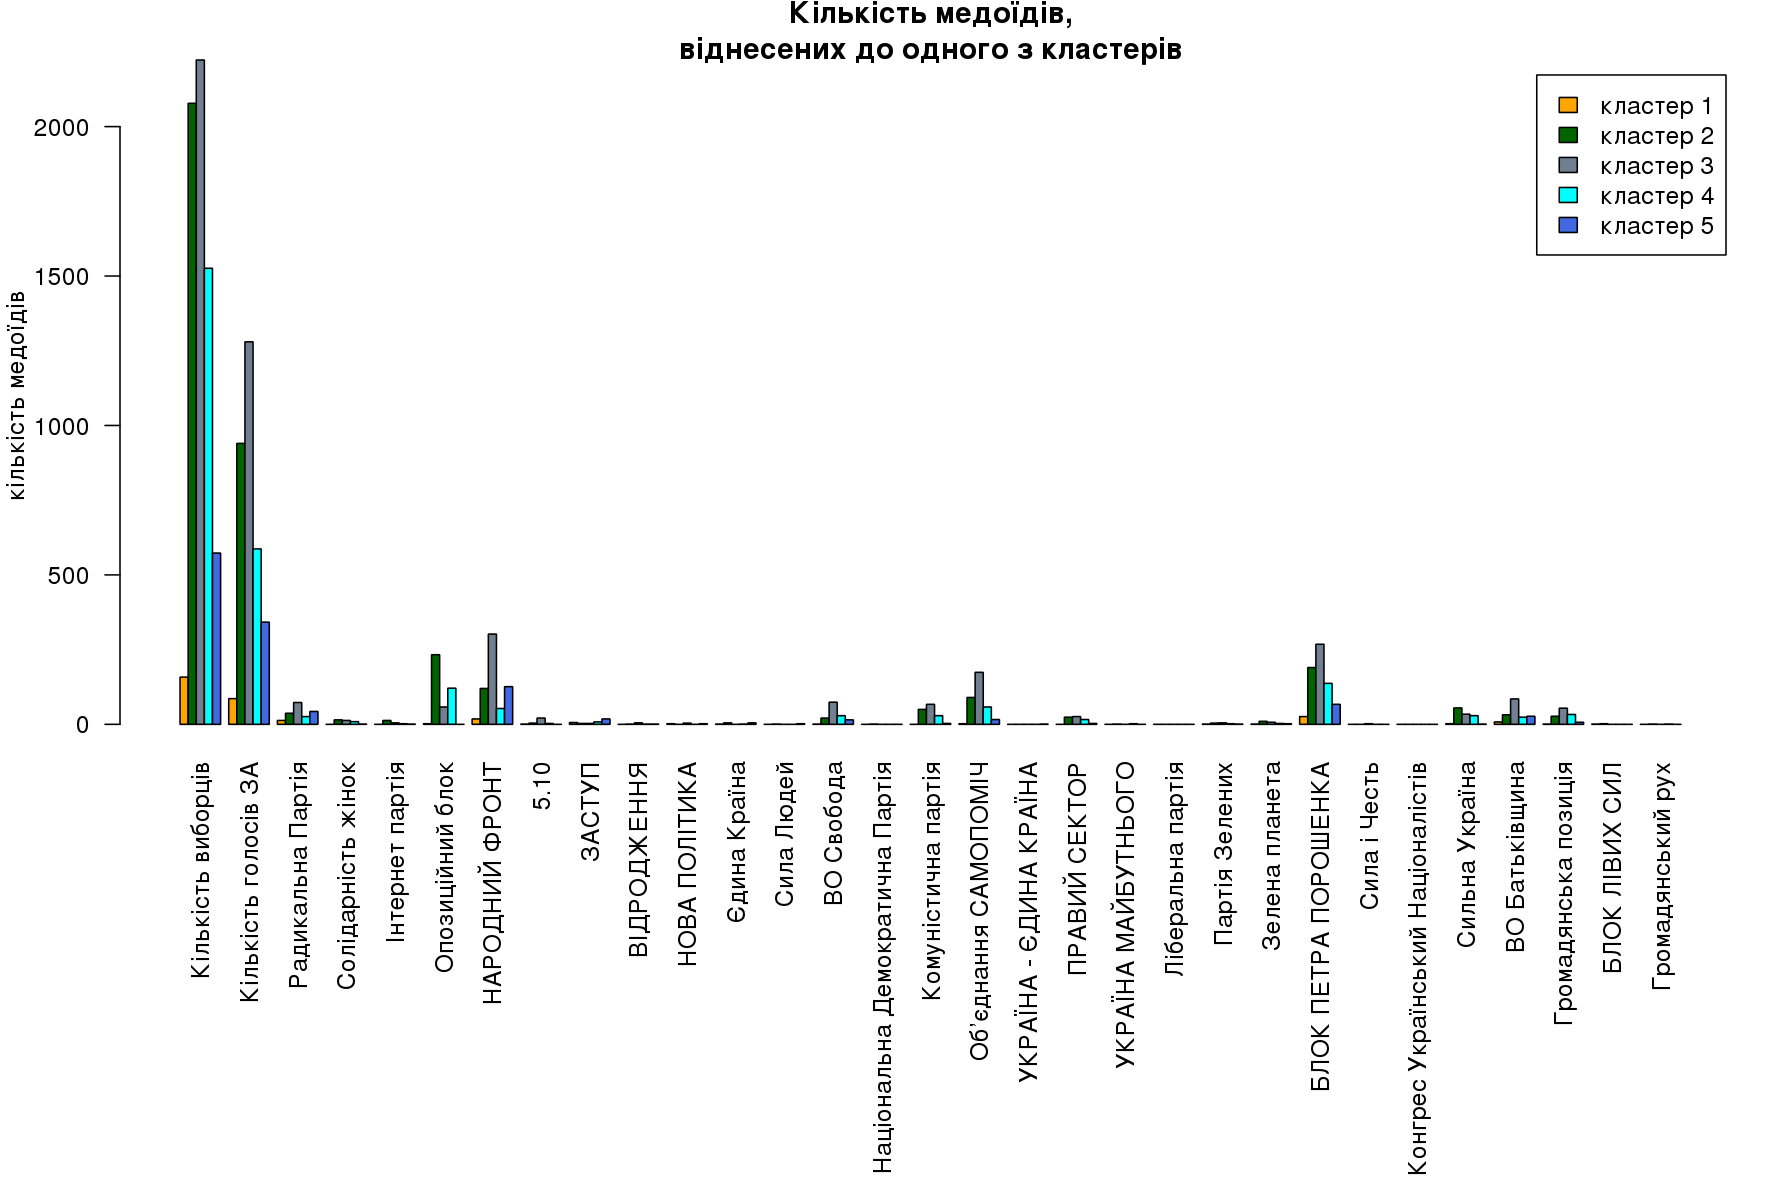 Кількість медоїдів, віднесених до одного з кластерів